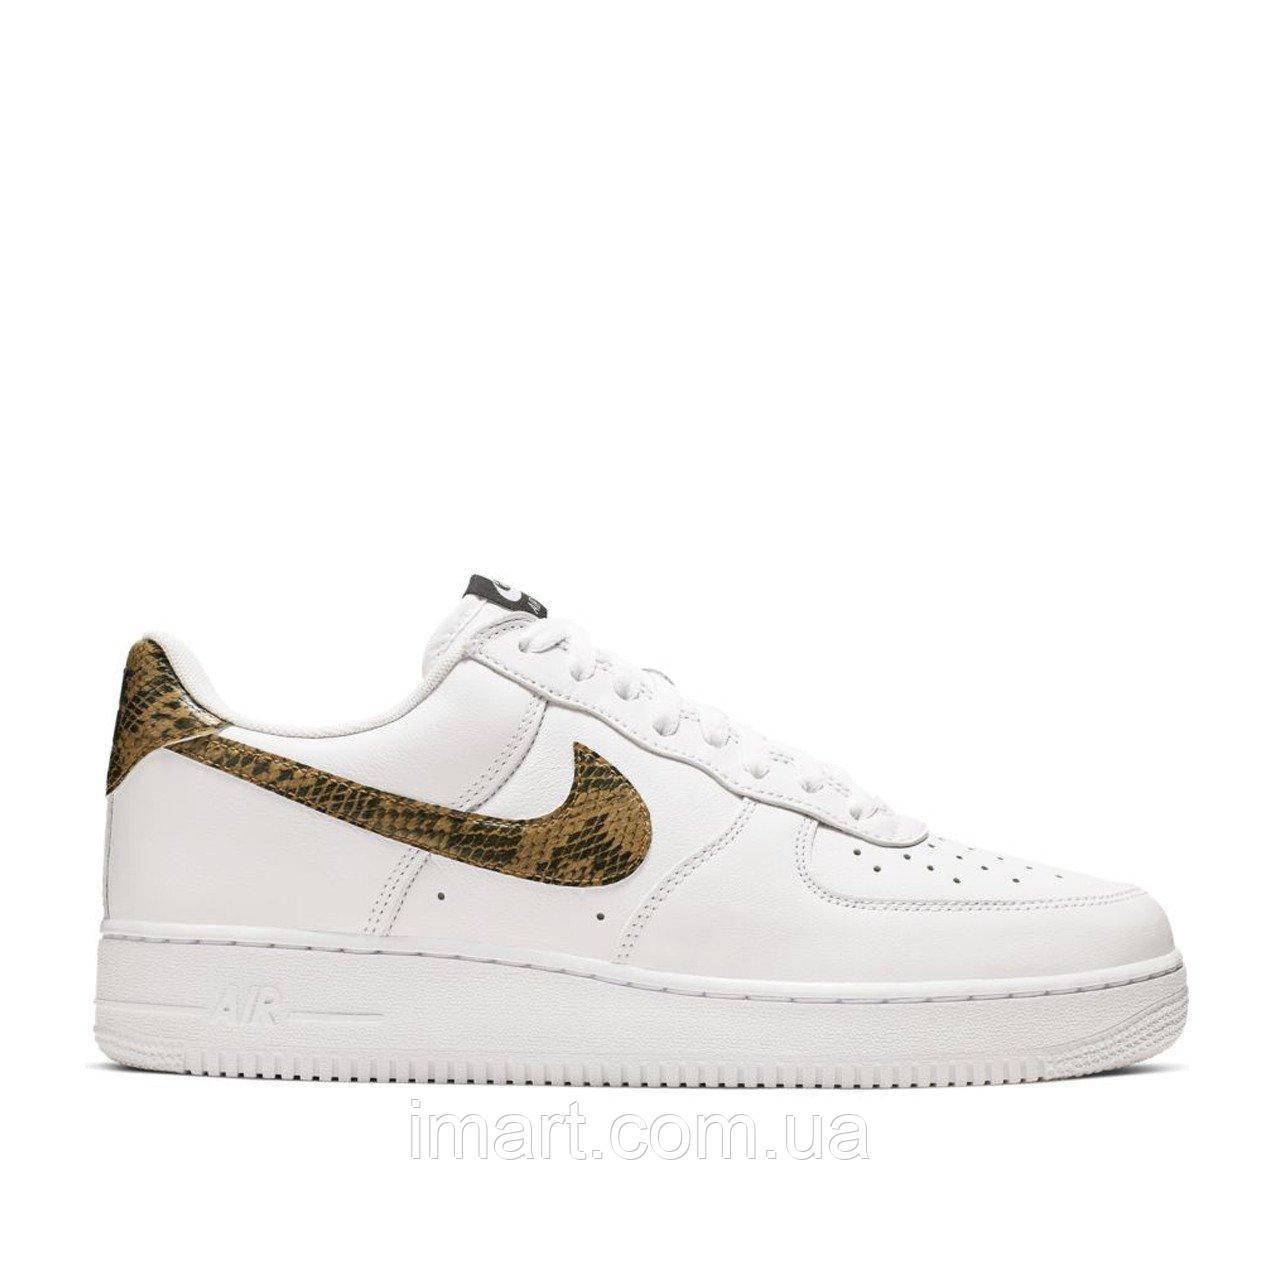 31045319 Оригинальные Кроссовки Nike Air Force 1 Low Retro Ivory Snake ...